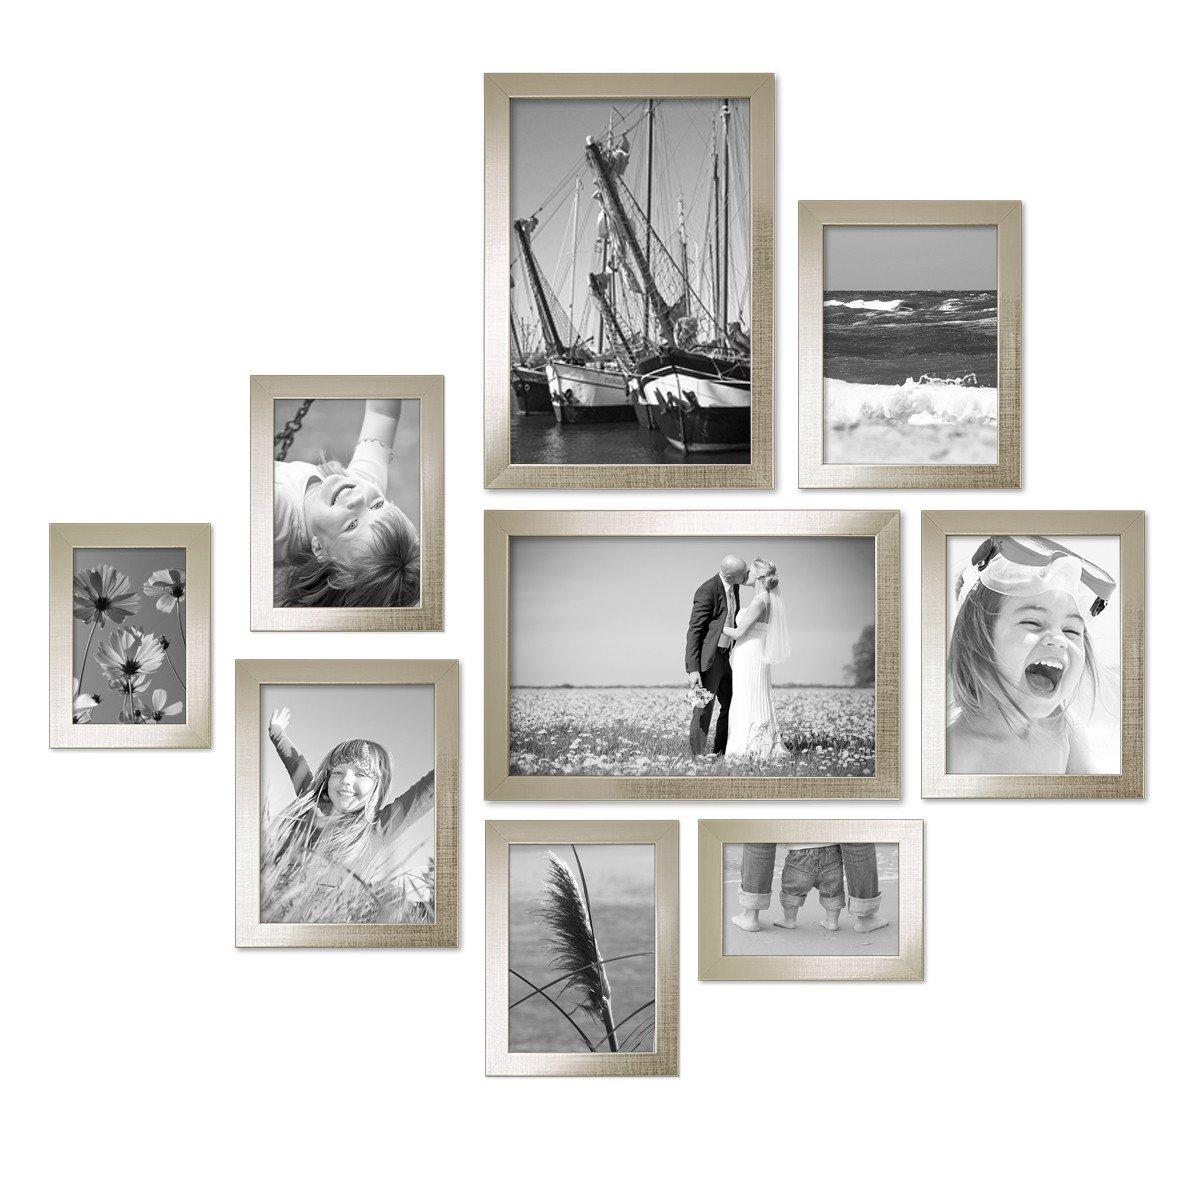 PHOTOLINI 9er Set Bilderrahmen Silber Modern Massivholz-Rahmen mit Glasscheibe und Zubehör   10x15, 13x18, 15x20 und 20x30 cm Fotorahmen